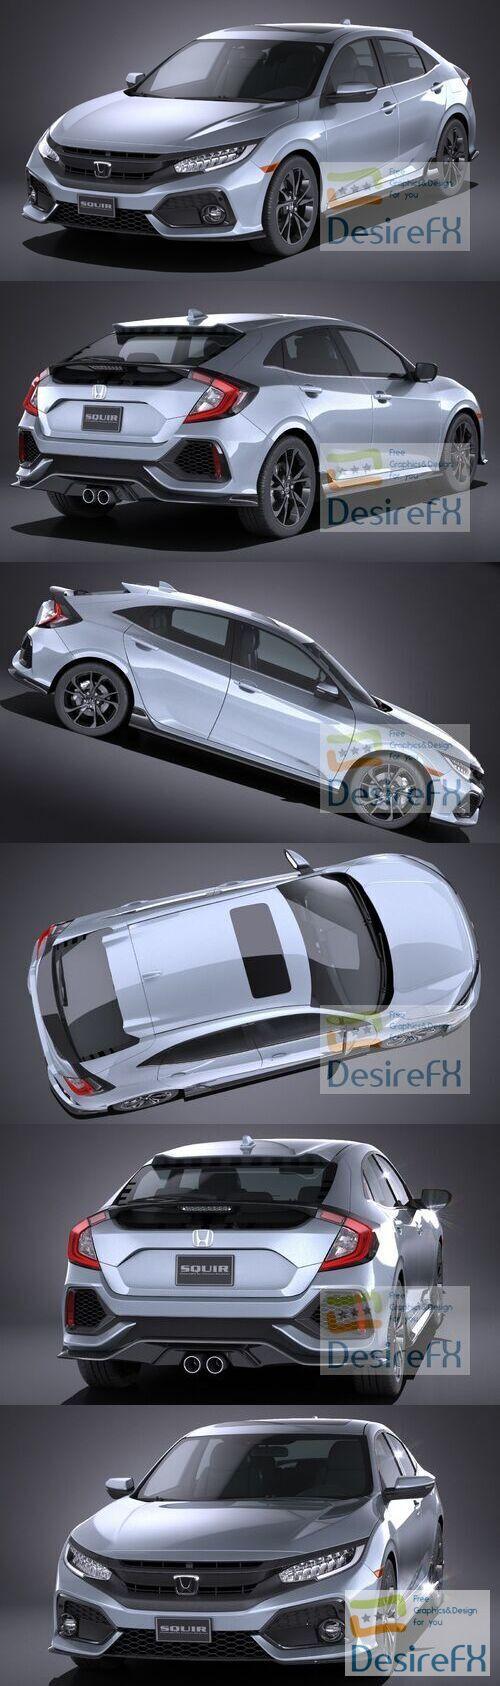 Honda Civic Hatchback 2017 3D Model